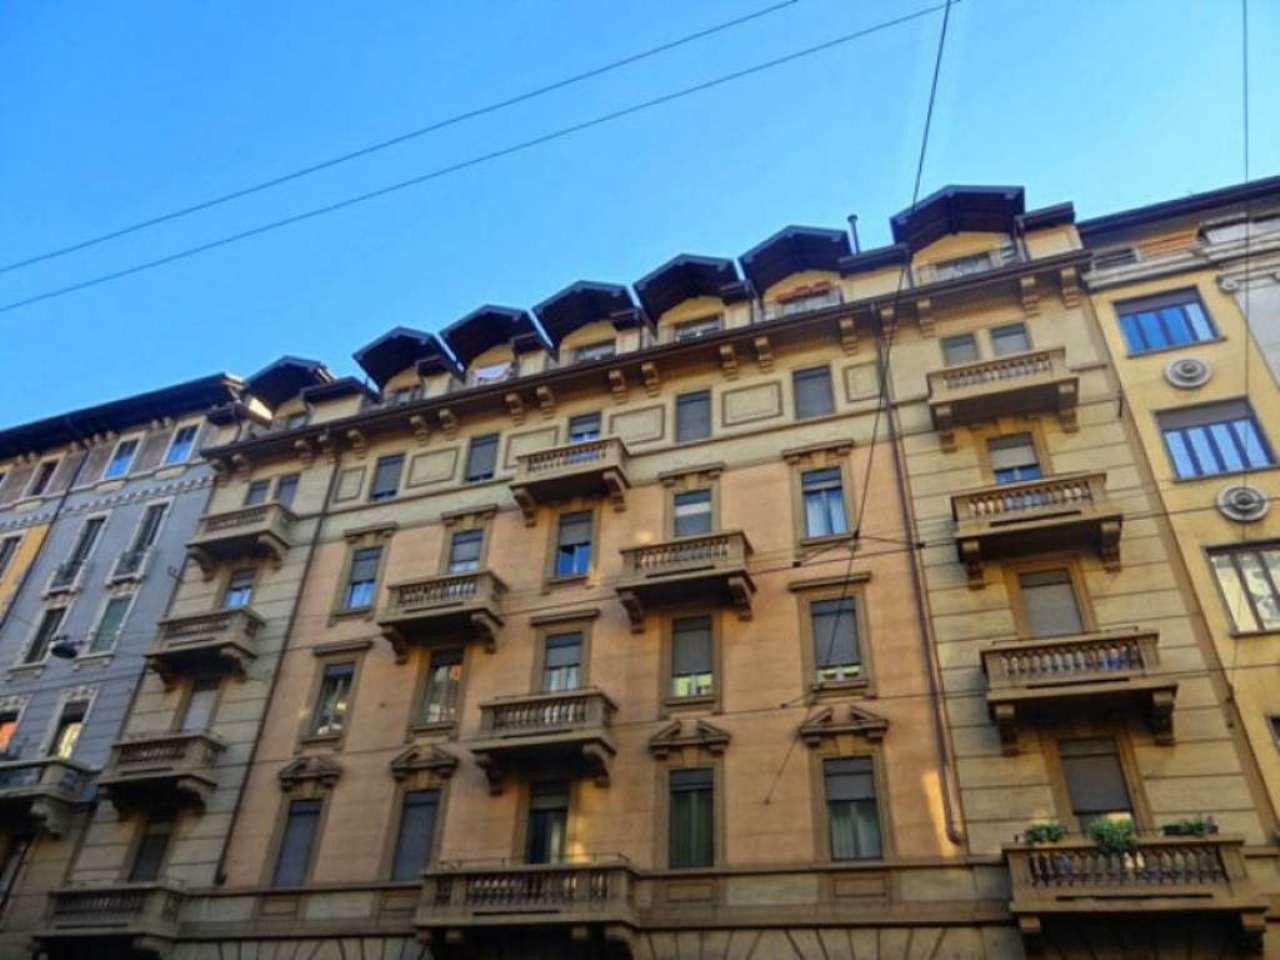 Appartamento in affitto a milano via porpora trovocasa for Appartamento design affitto milano